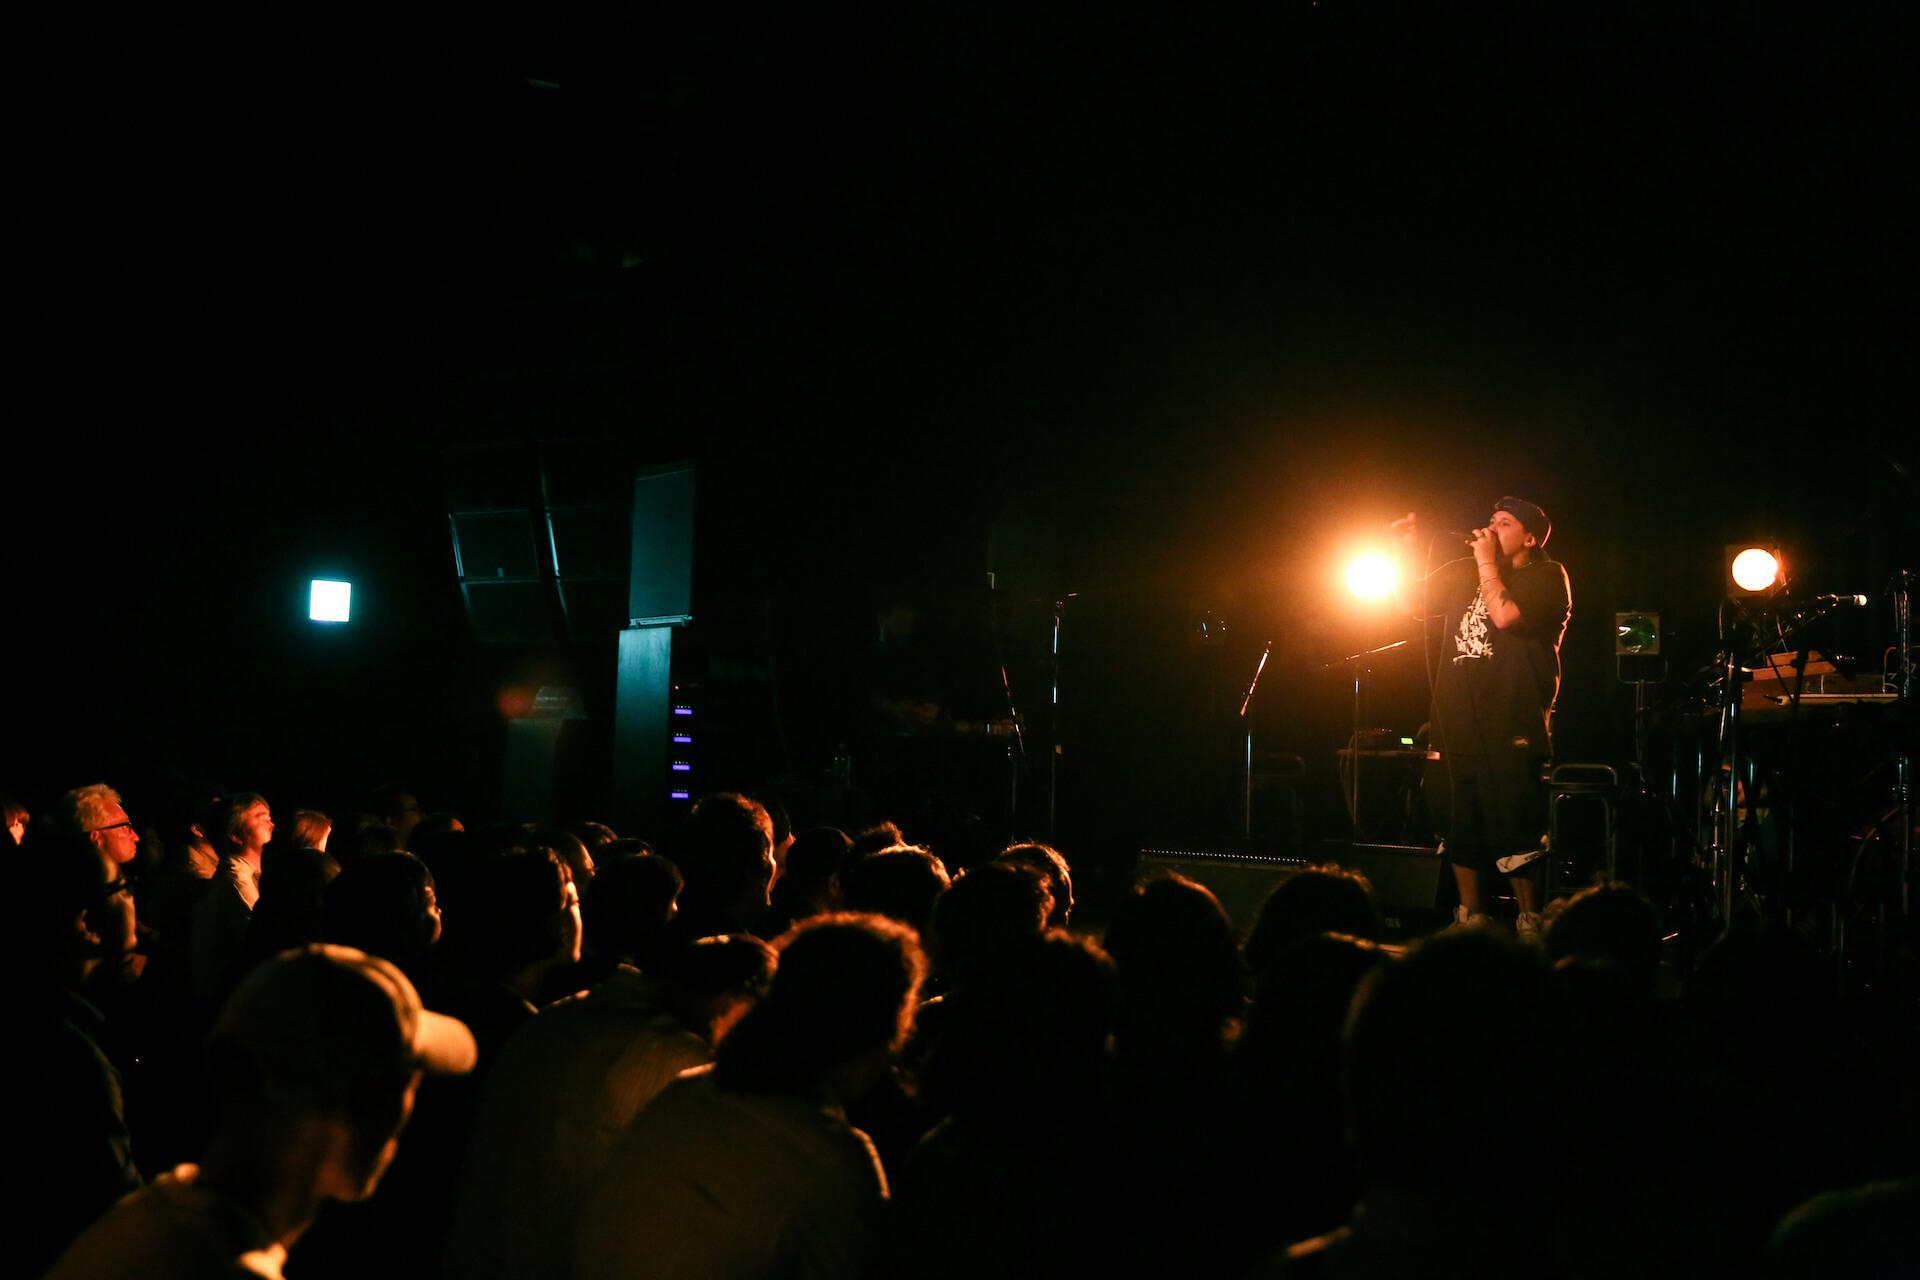 イベントレポート|国境を越えたリズムと即興の祭典<Beat Compañero/波動の交わり> 0E4A0458